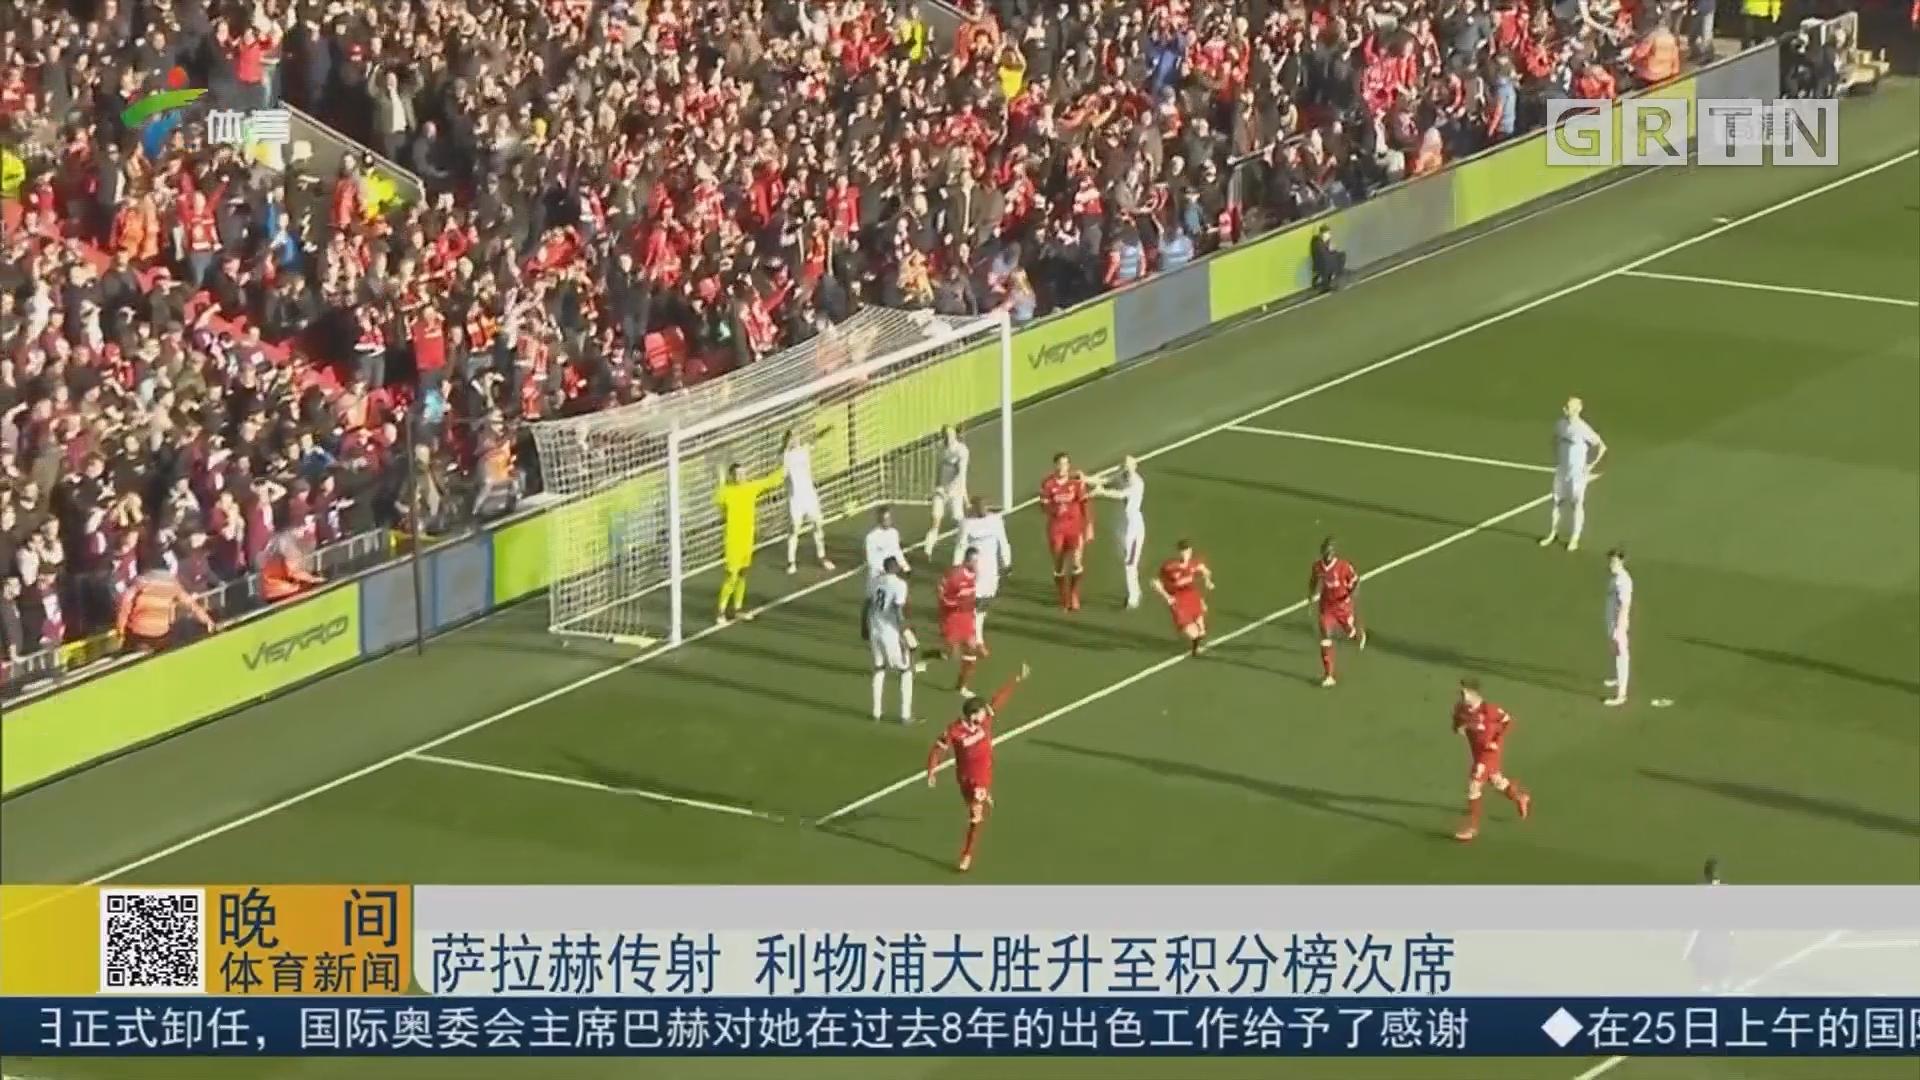 萨拉赫传射 利物浦大胜升至积分榜次席